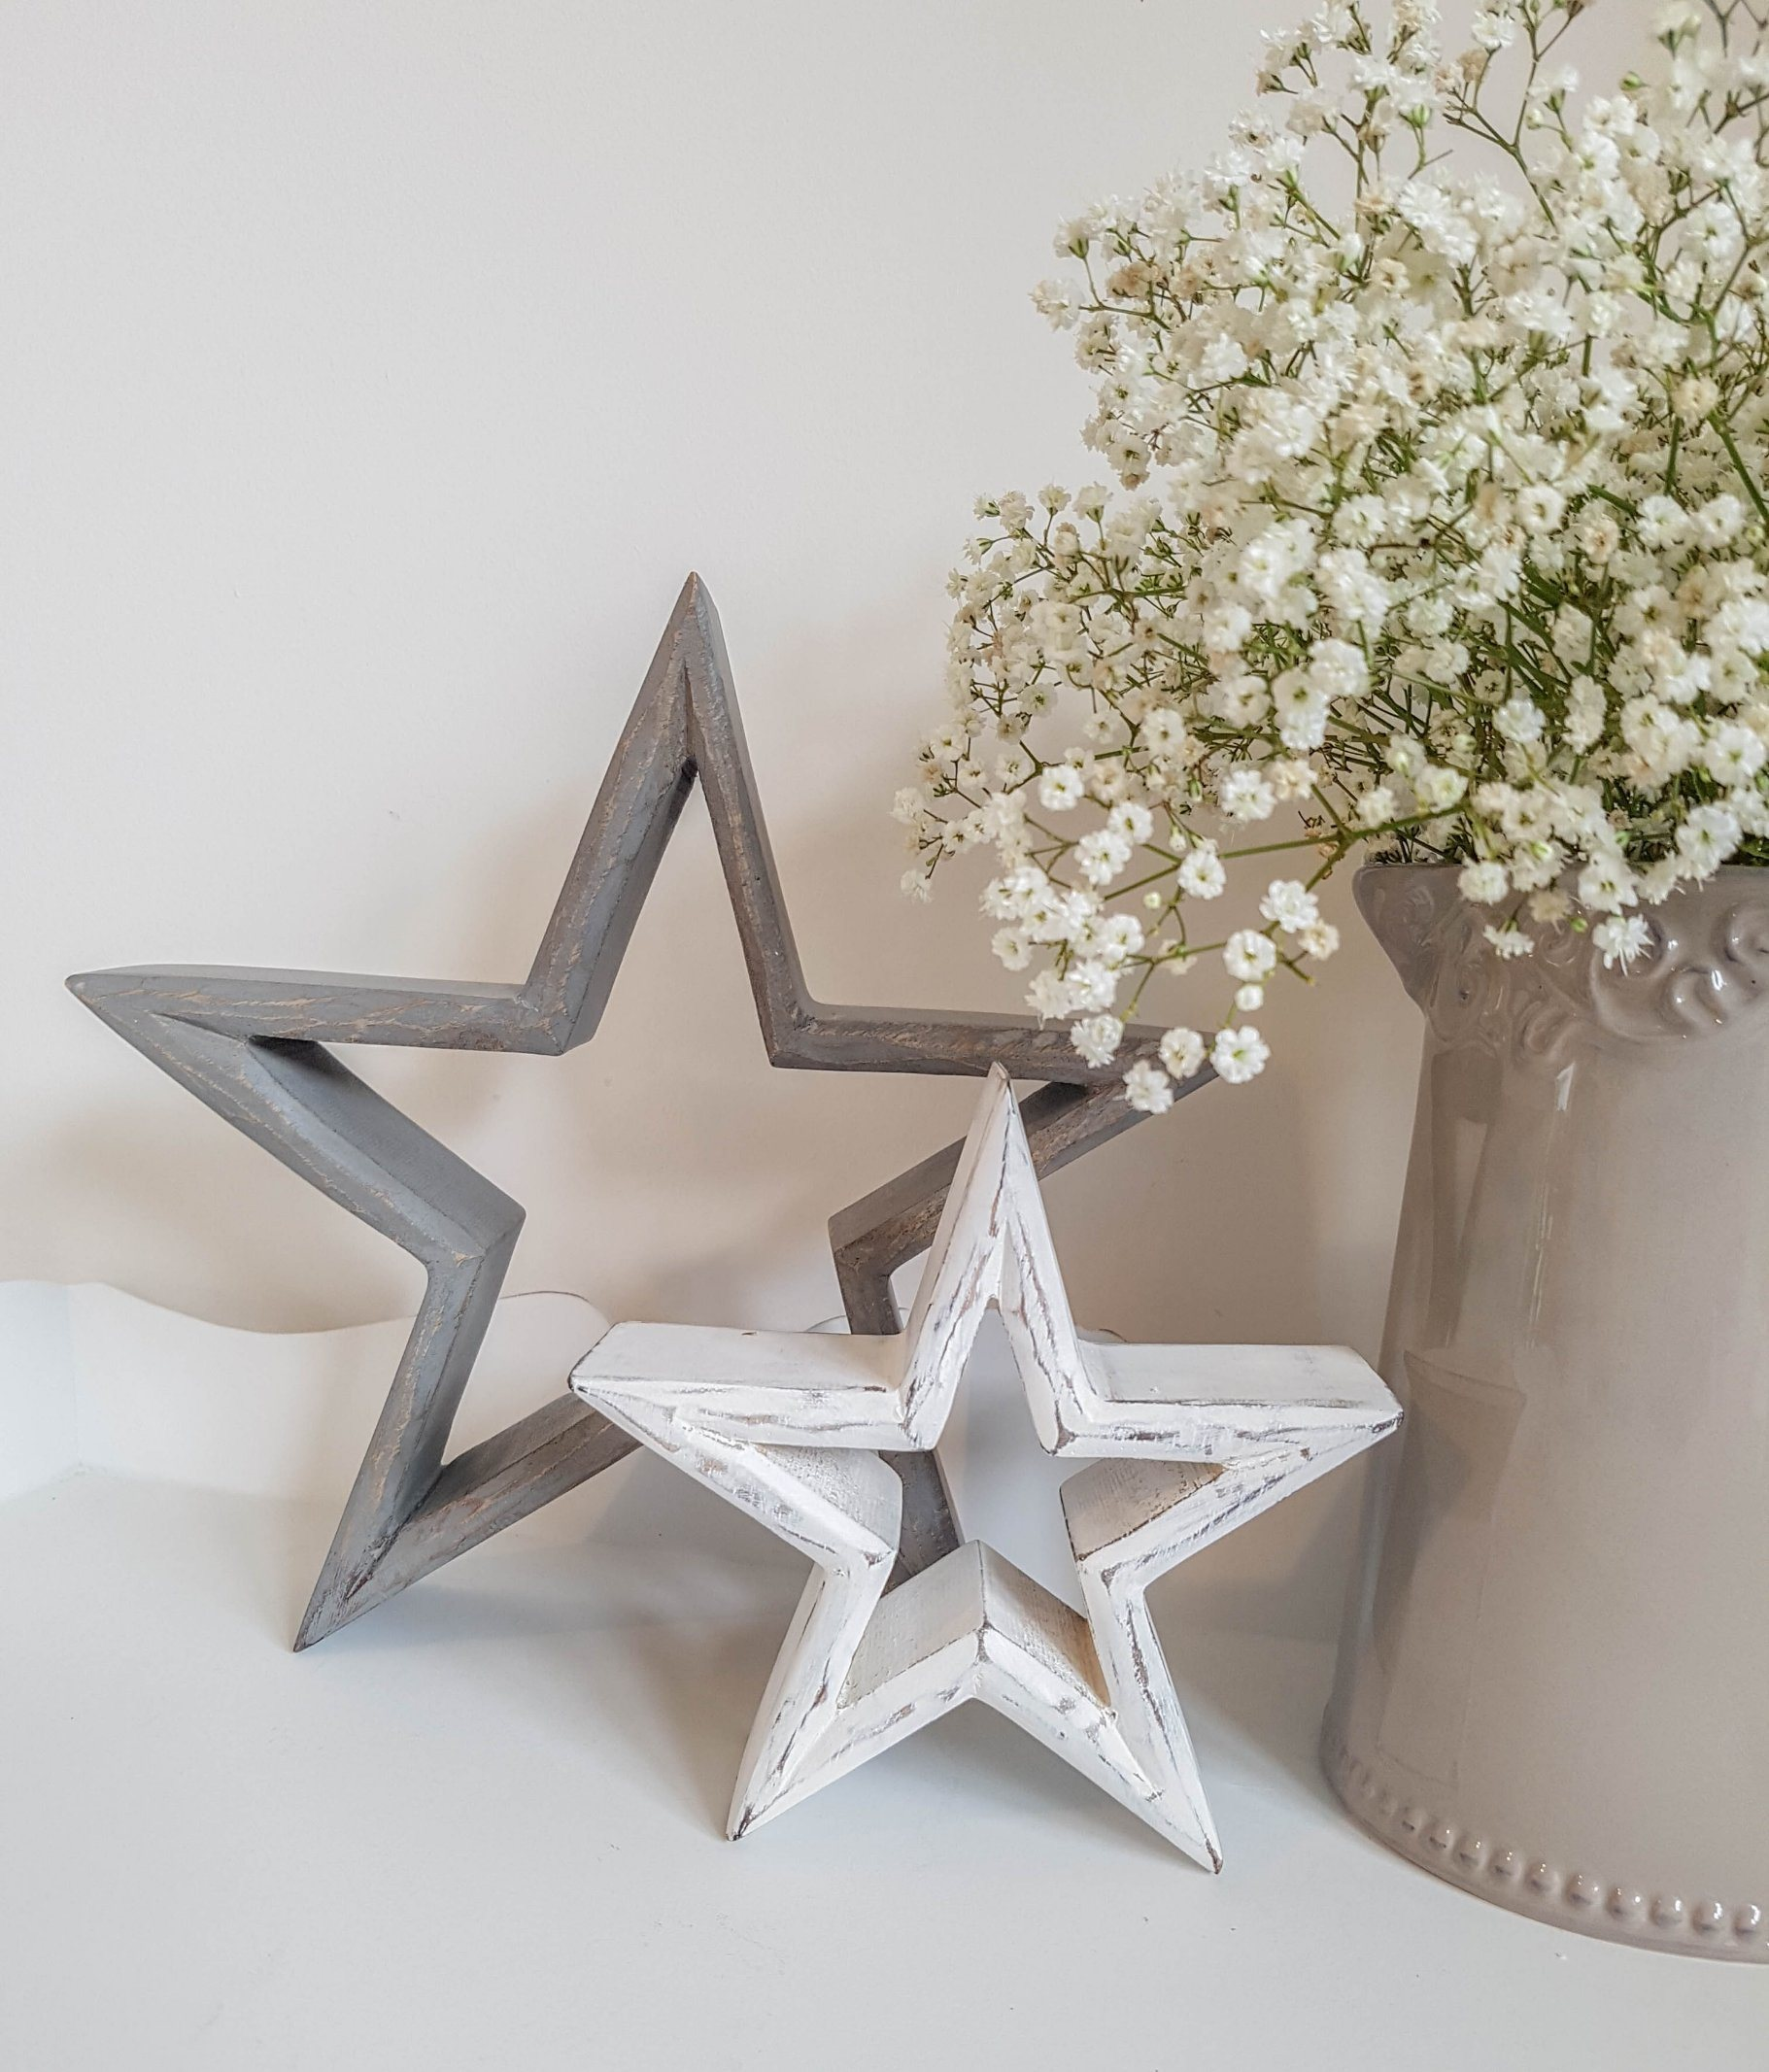 ホーム装飾のための一定の灰色および白い苦しめられた木の星